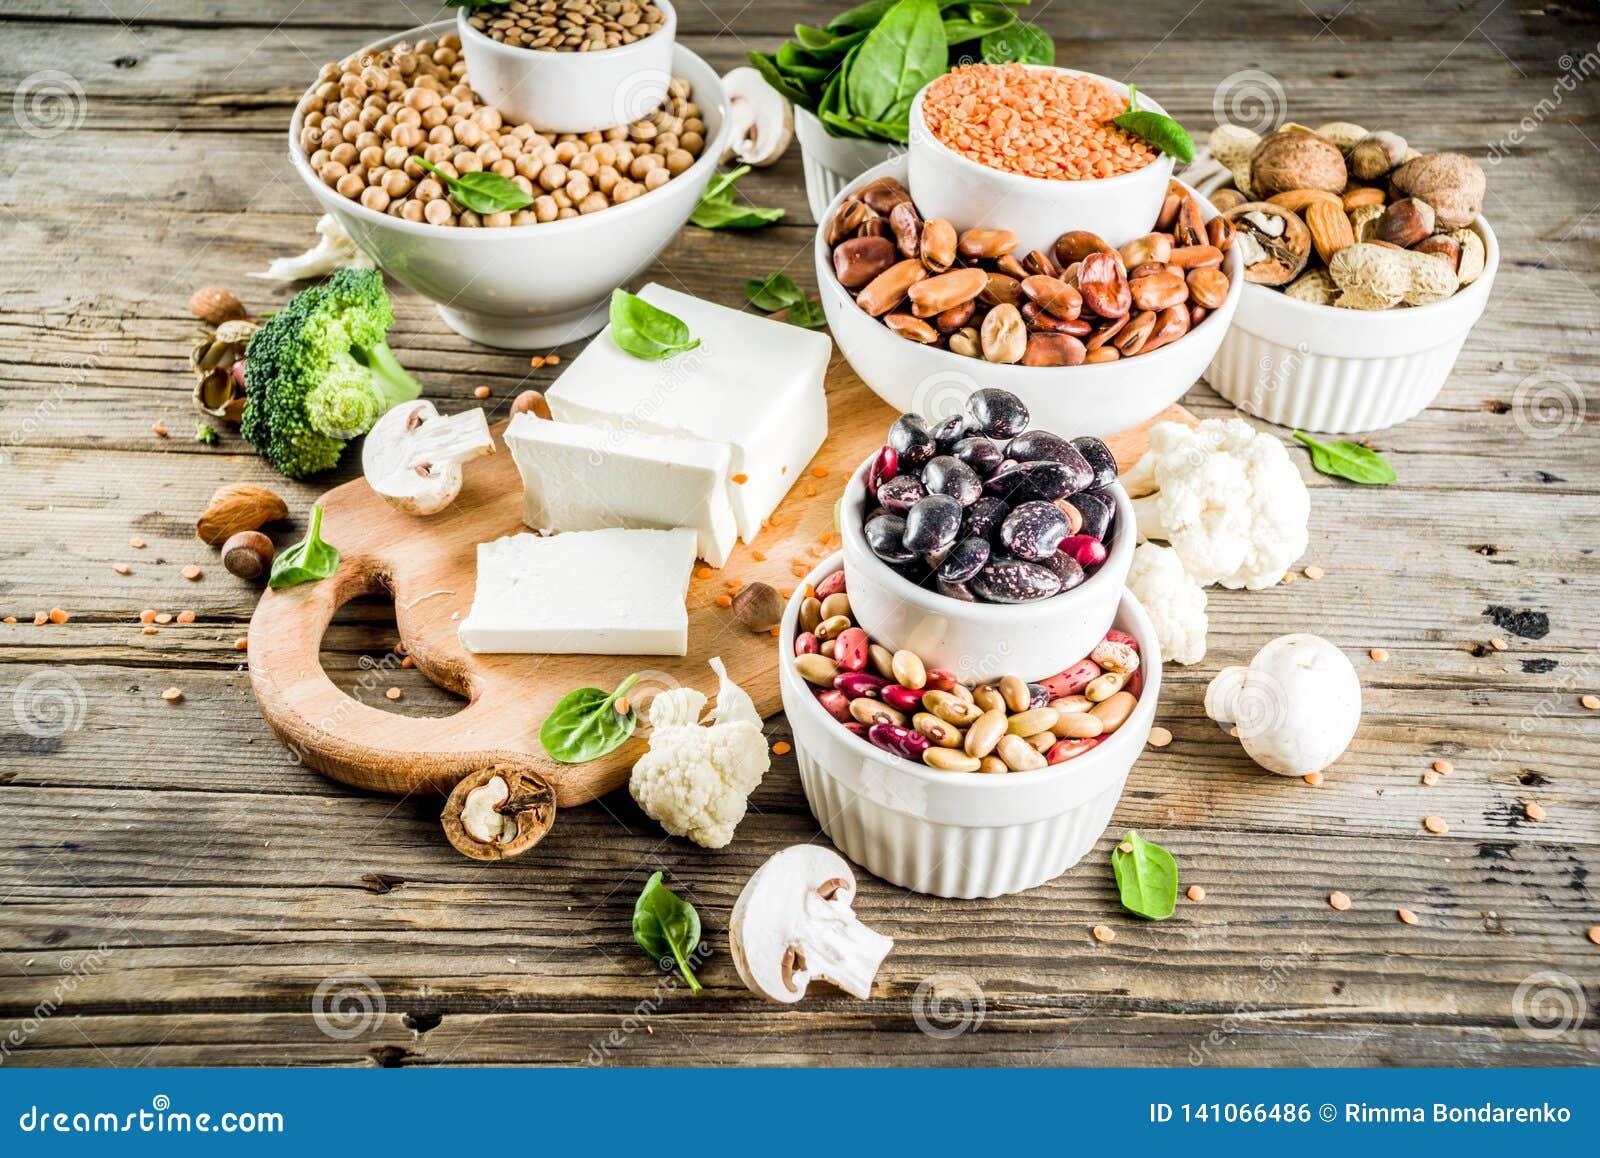 Πηγές πρωτεΐνης εγκαταστάσεων Vegan